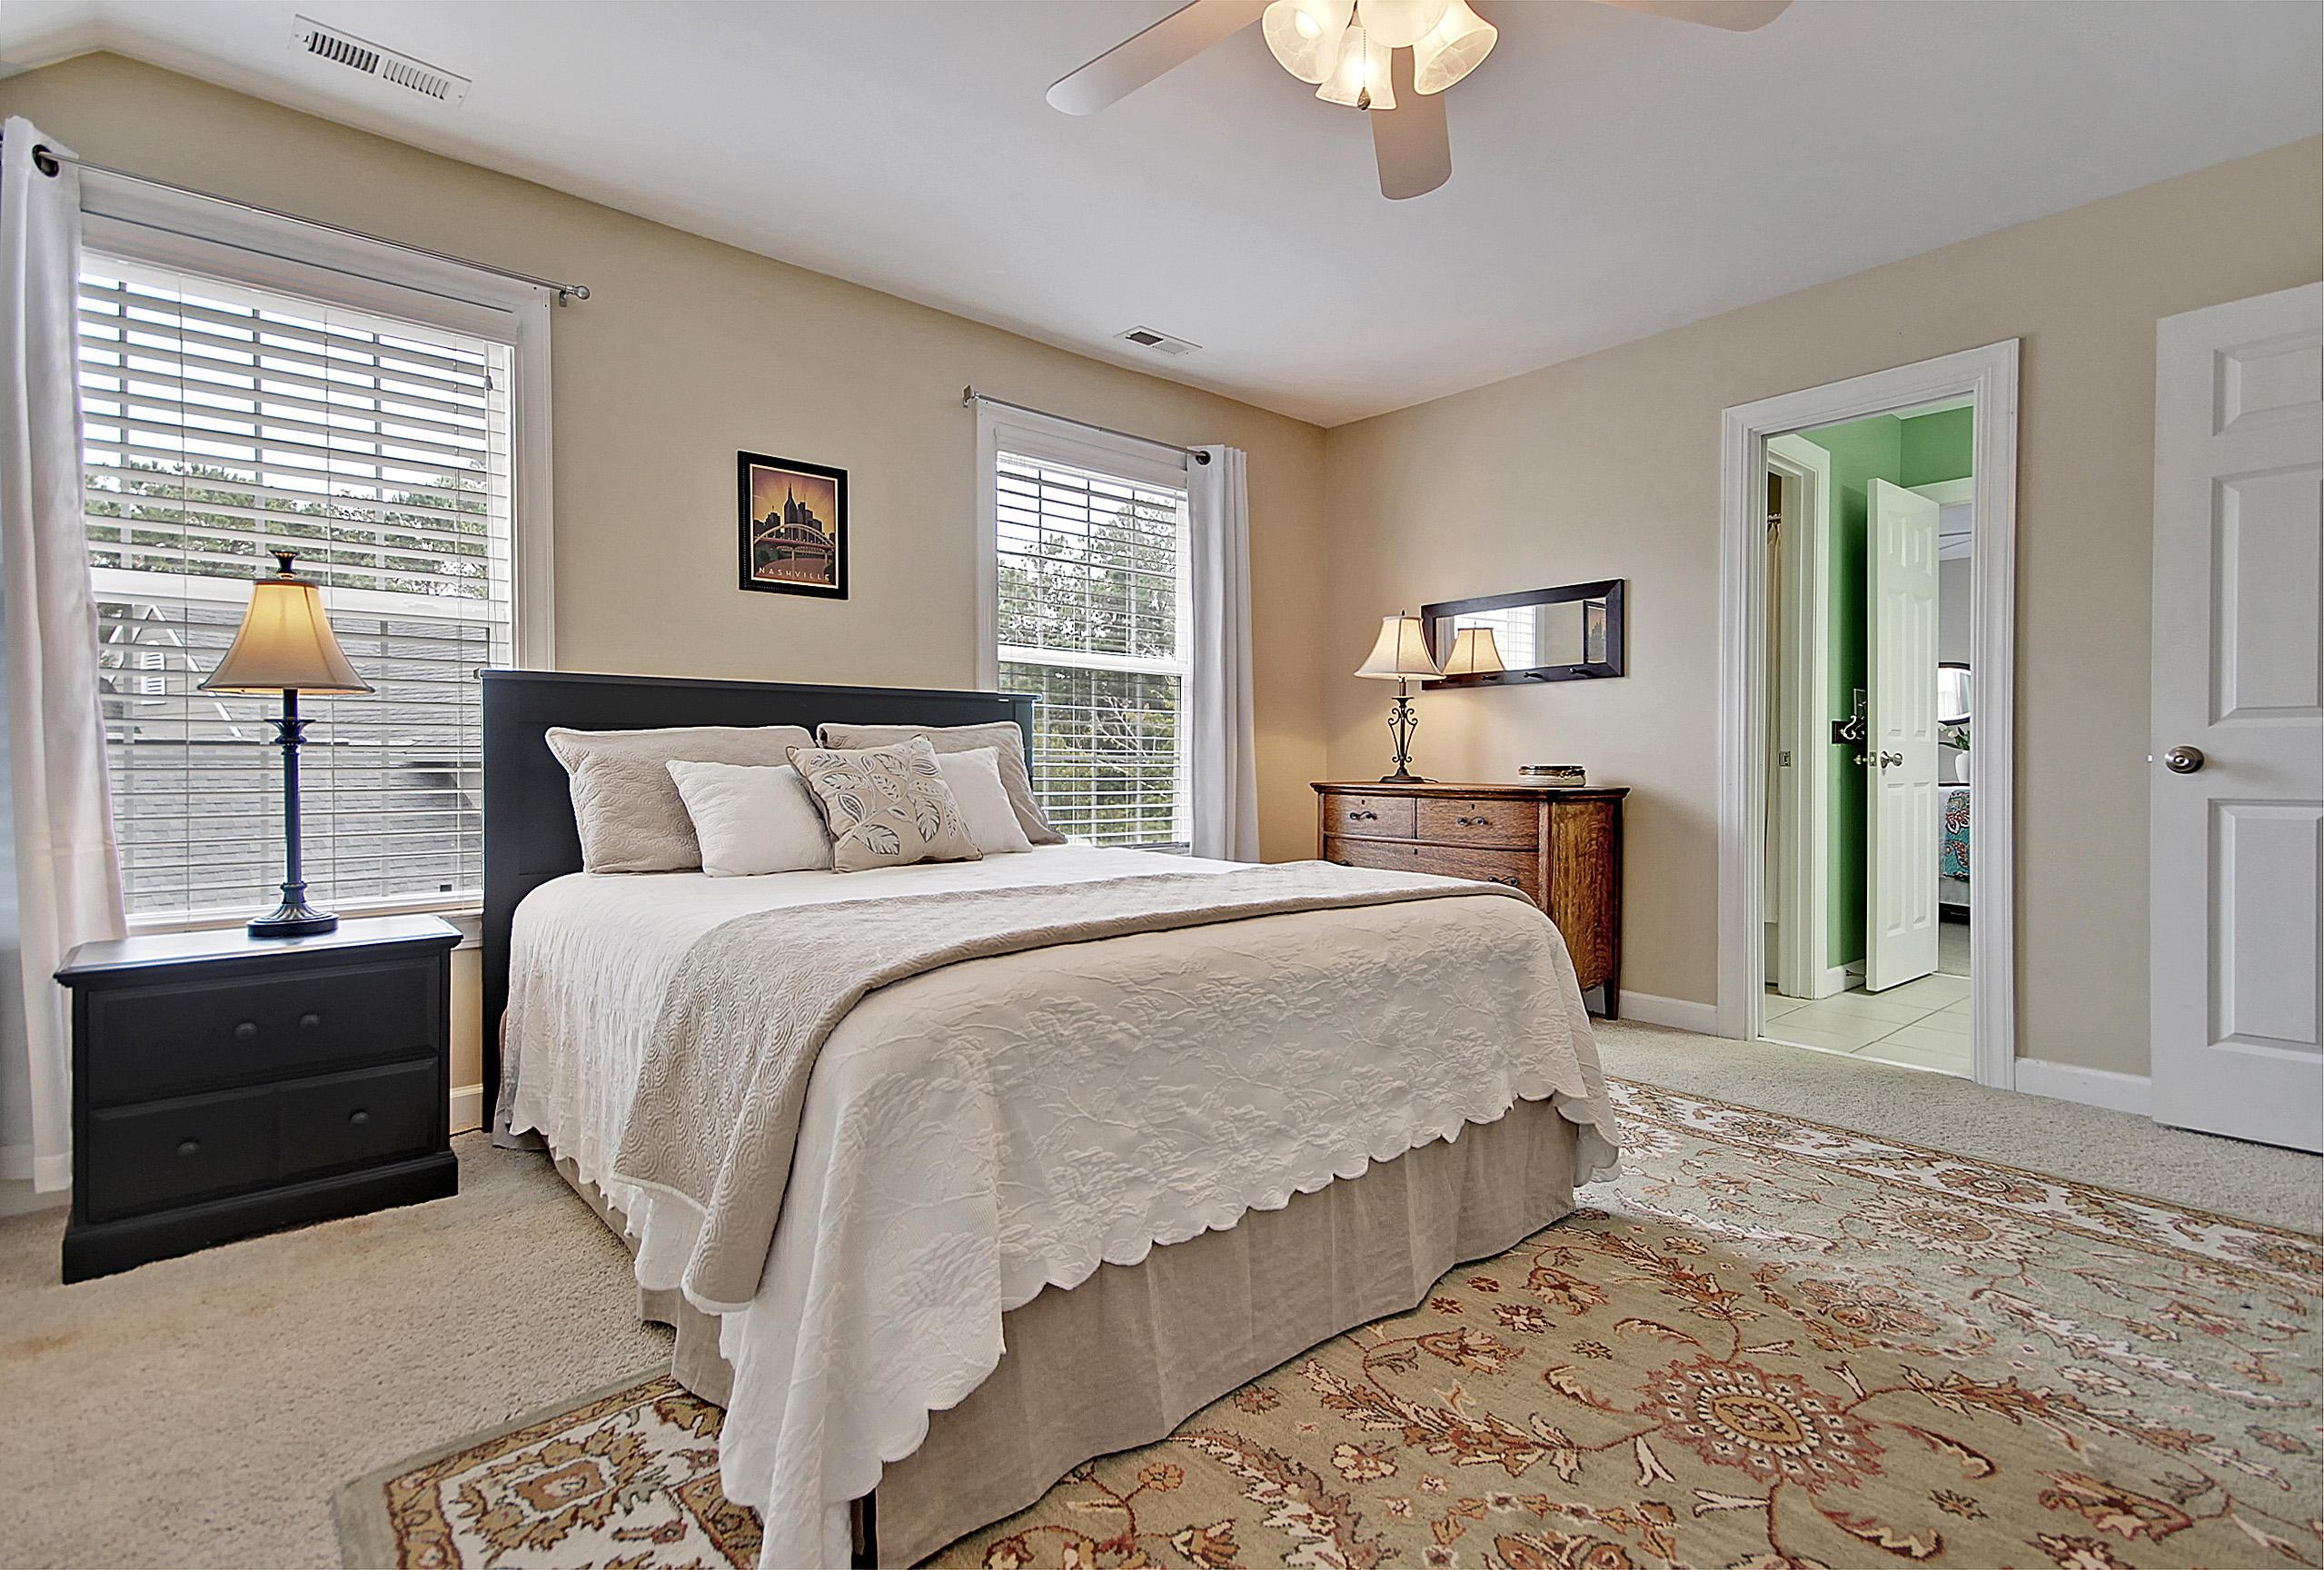 Dunes West Homes For Sale - 3056 Riverwood, Mount Pleasant, SC - 24